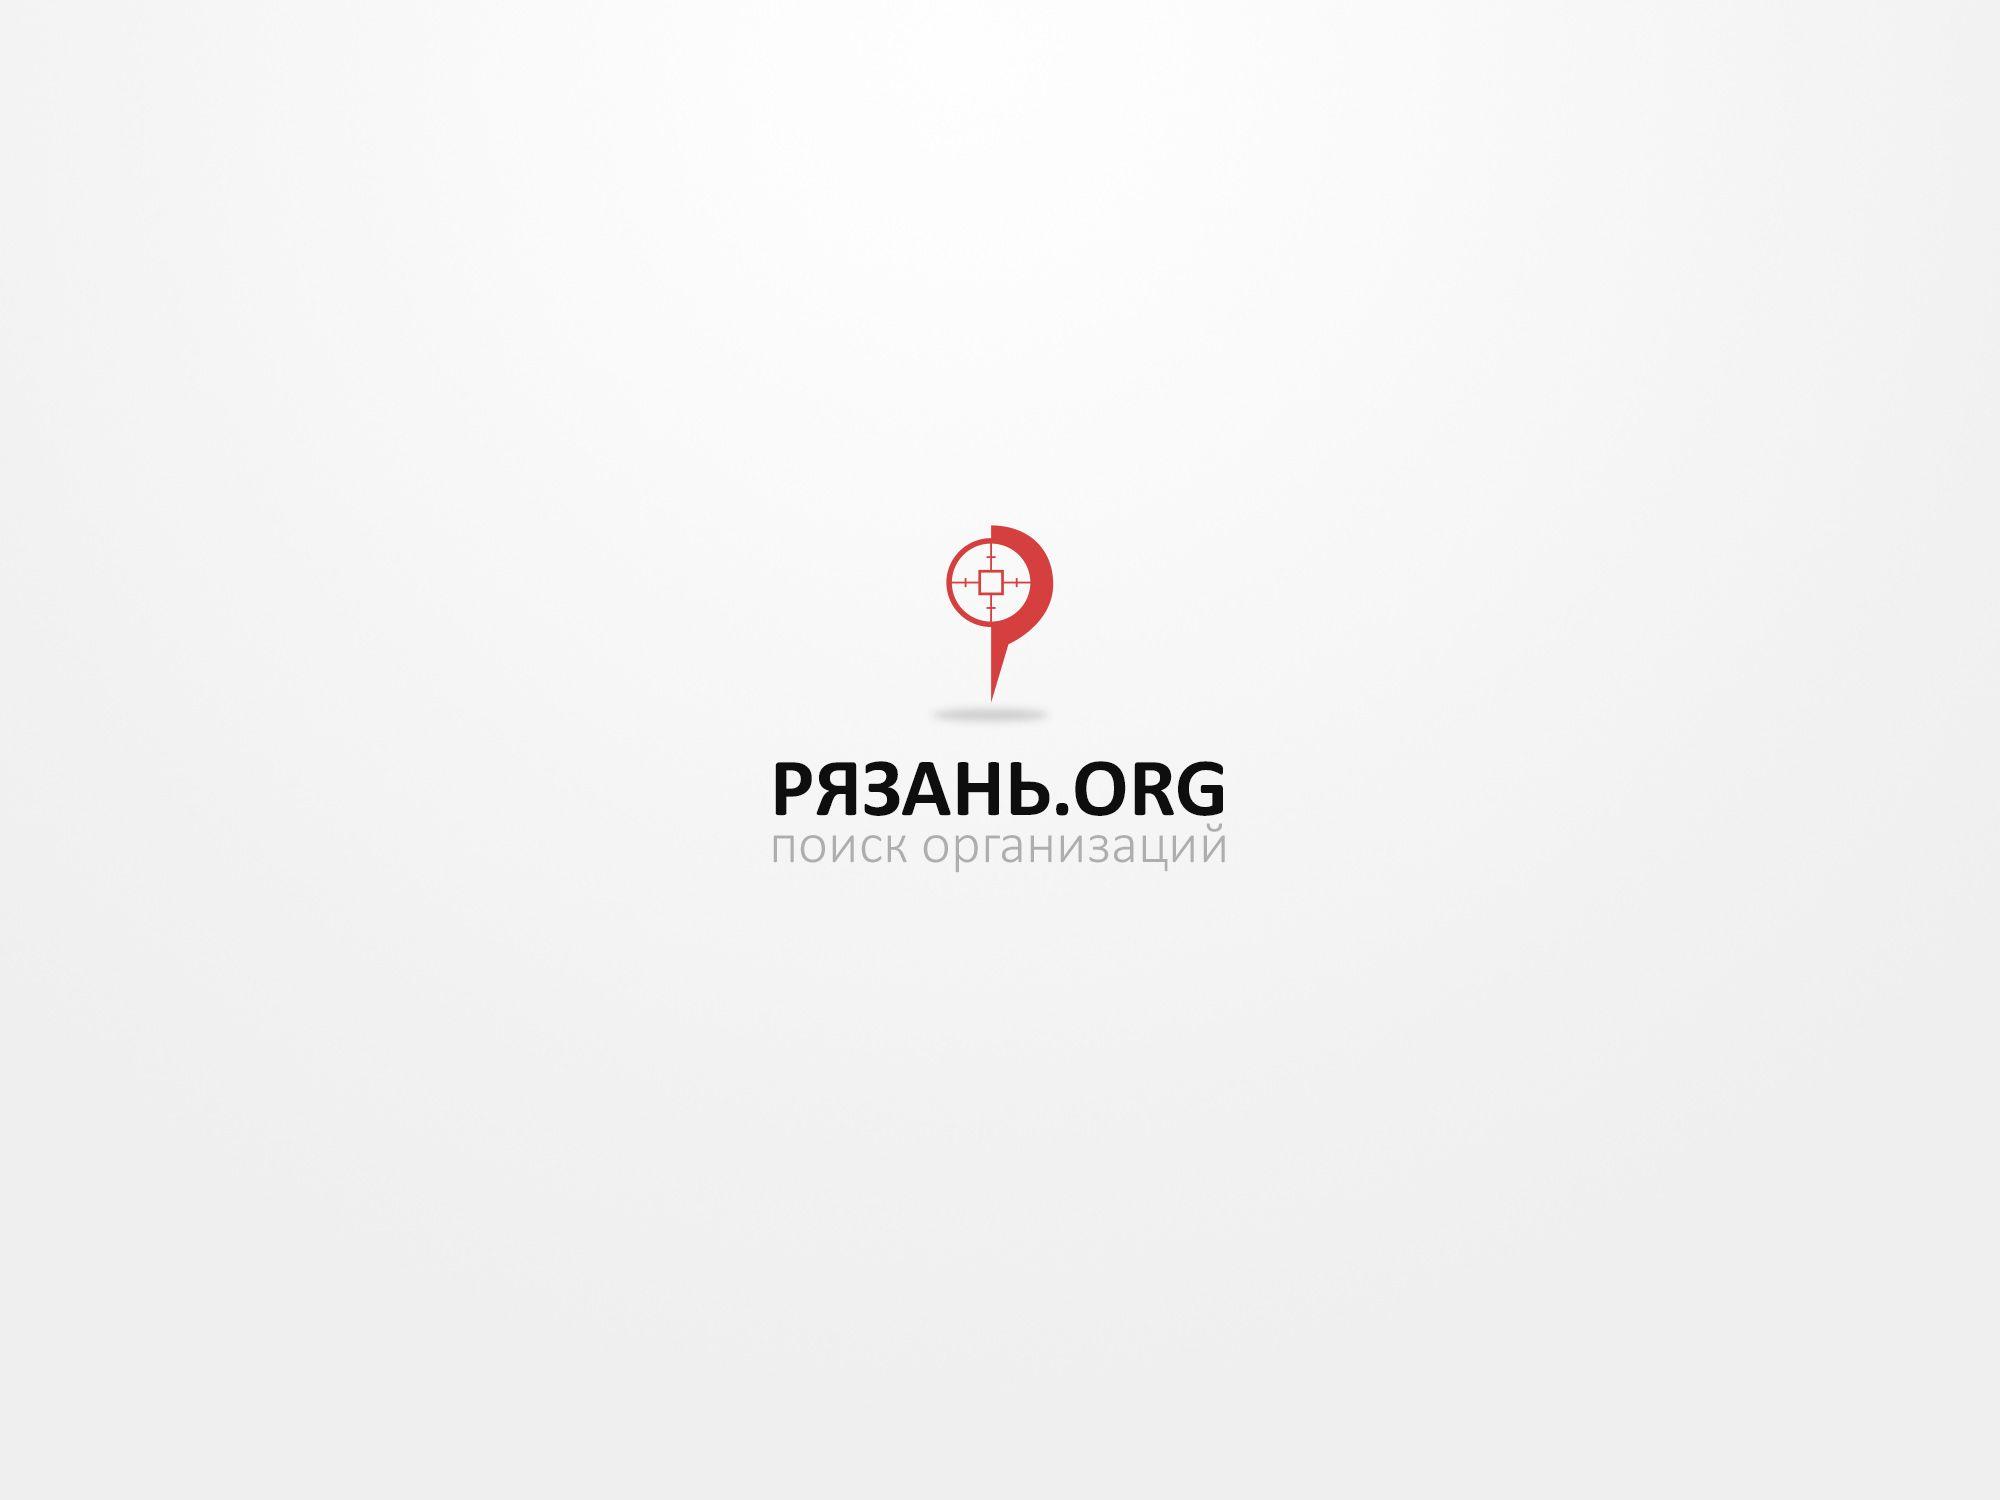 Логотип для поисковой системы - дизайнер LuginDM